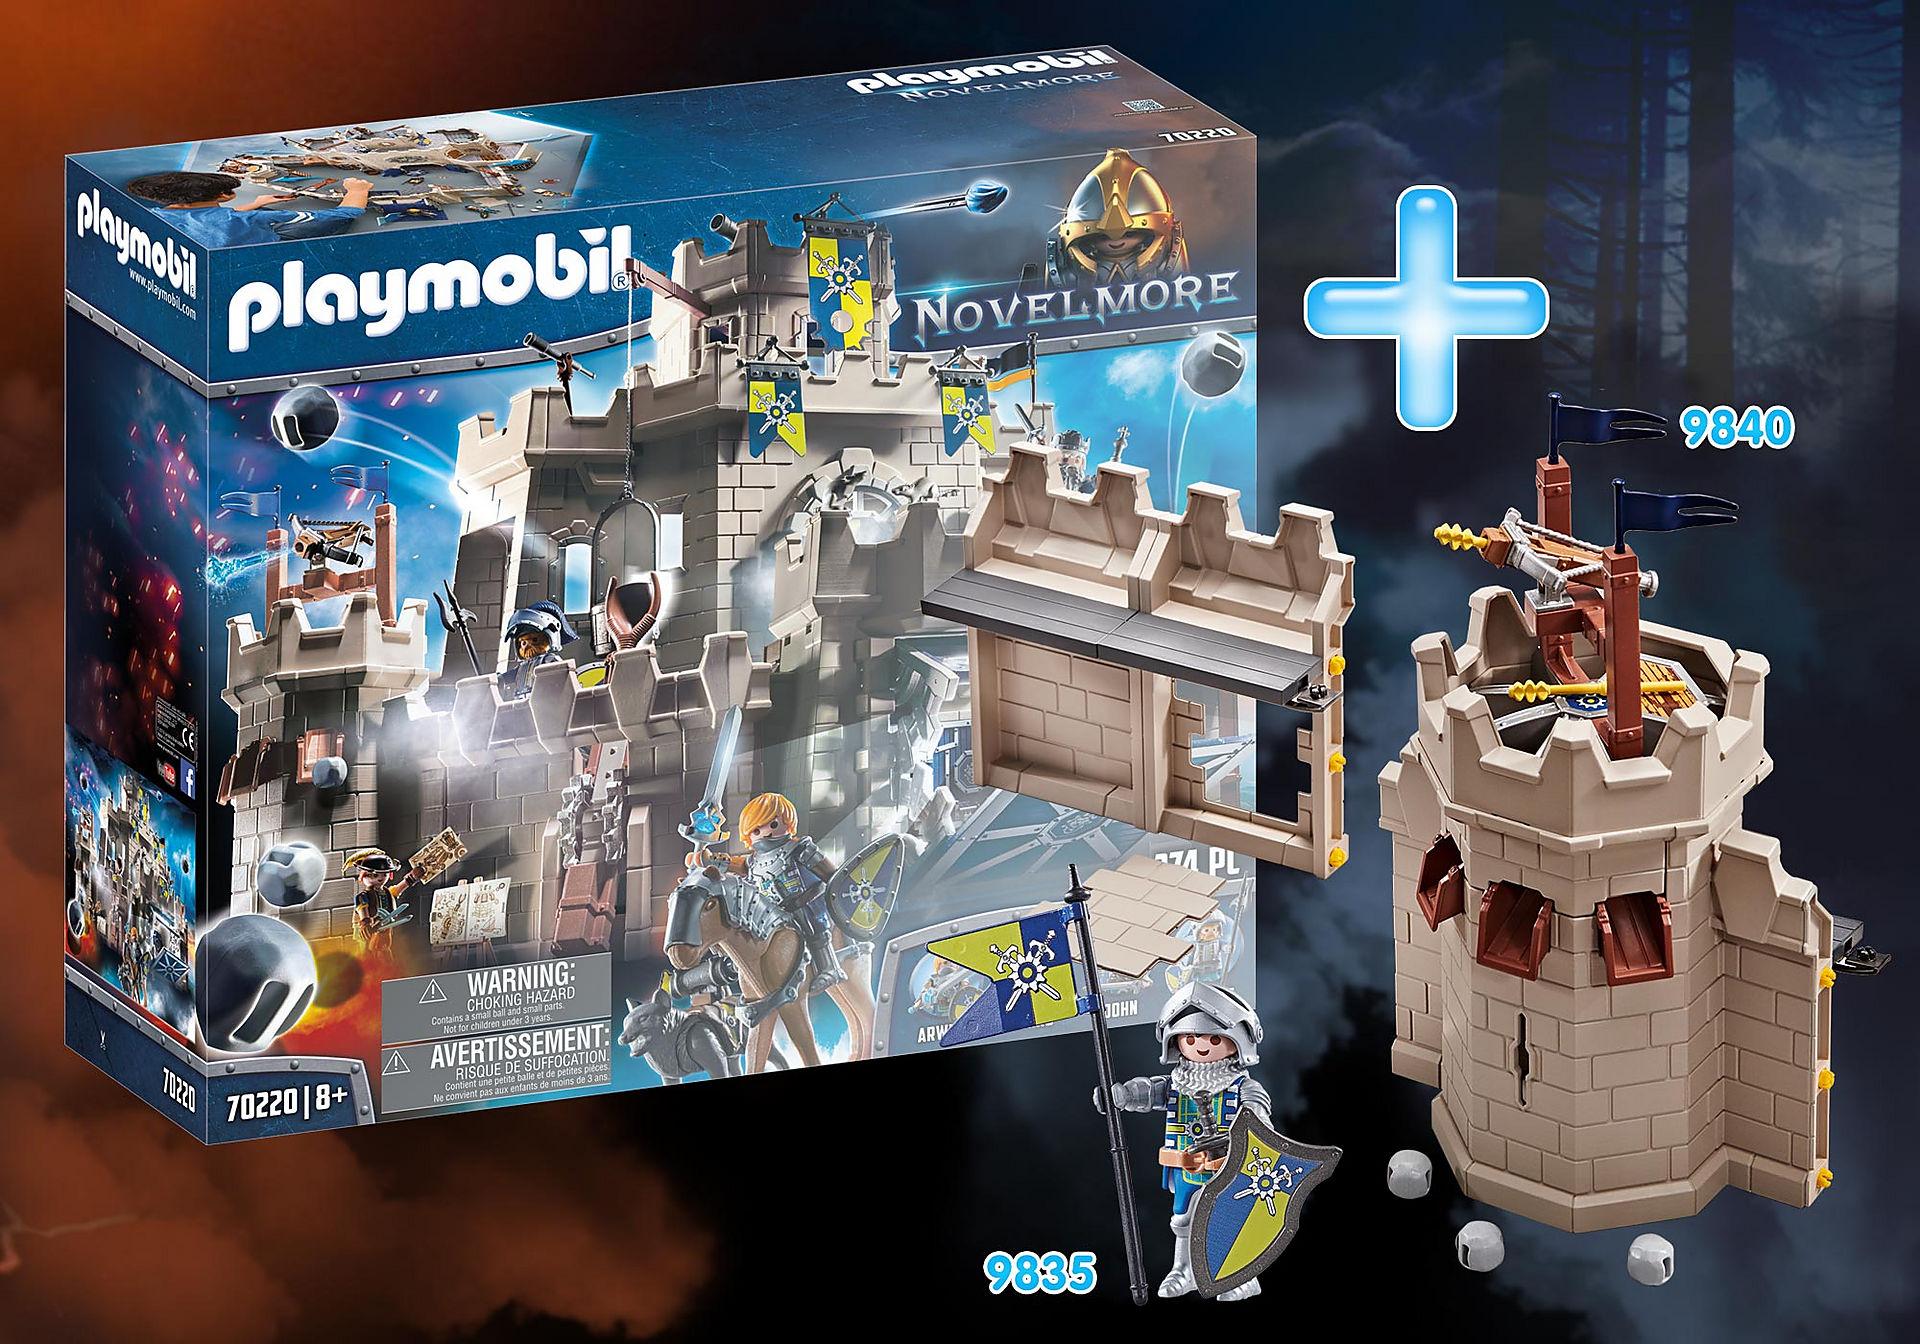 http://media.playmobil.com/i/playmobil/PM1908F_product_detail/Bundle Novelmore